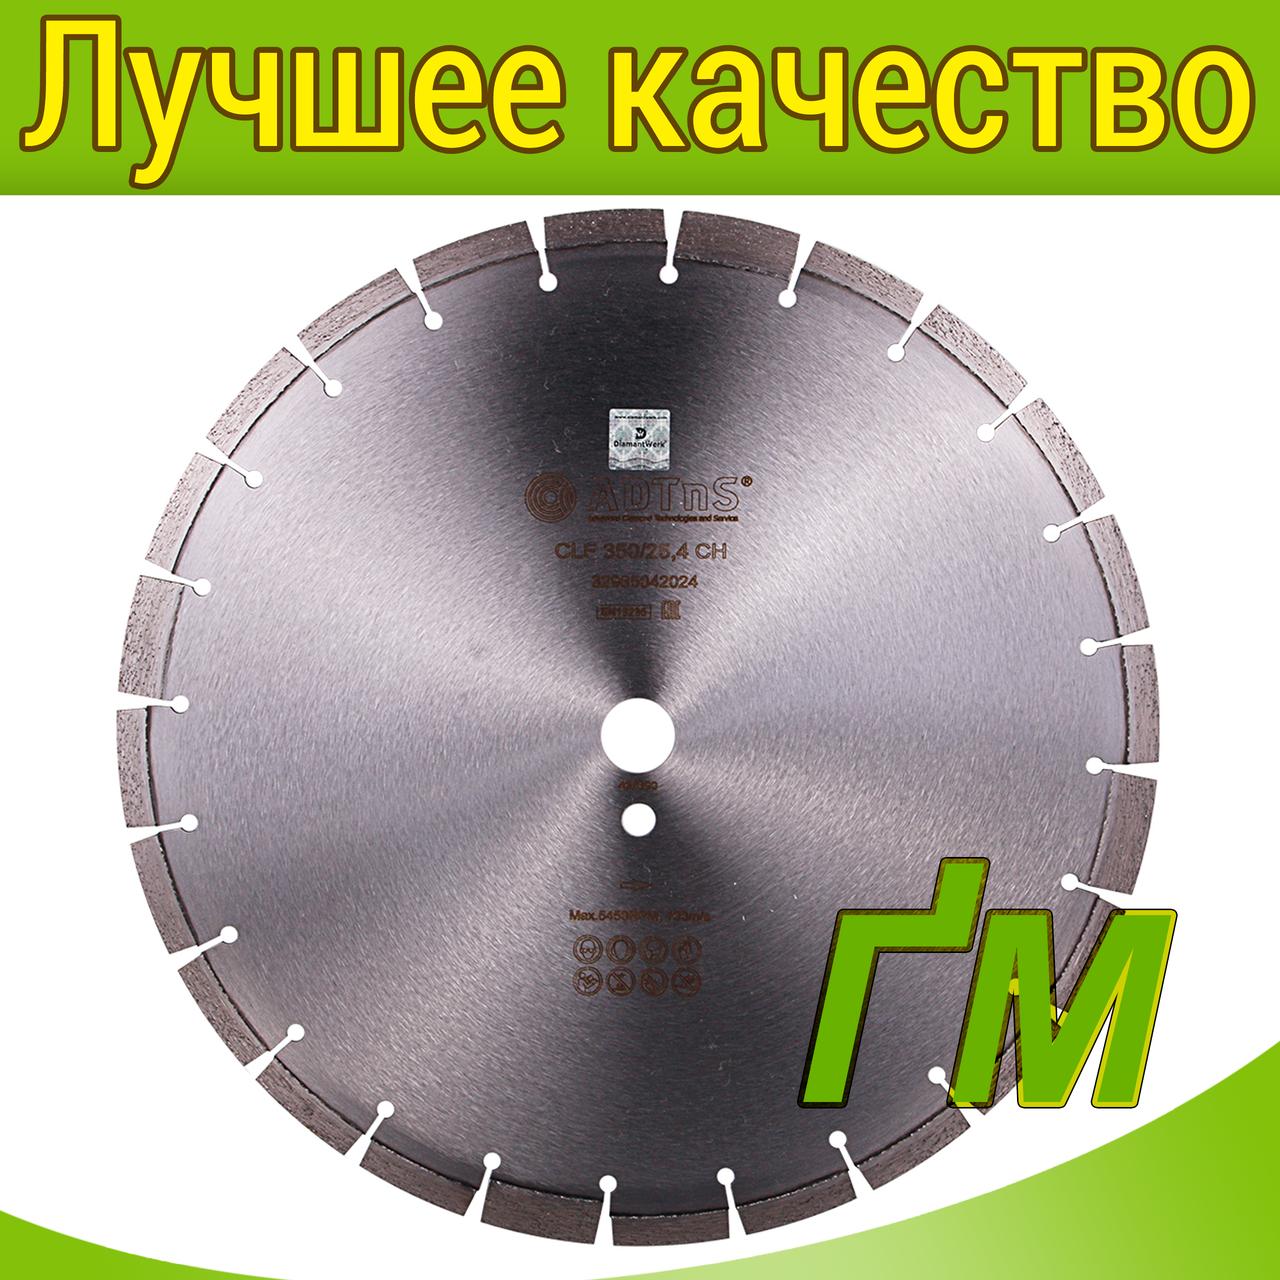 Диски алмазные для бензорезов и швонарезчиков ADTNS CLF CH 1A1RSS/C3N-W 400x3,2/2,5x10x35-28 F6 CLF 400/35